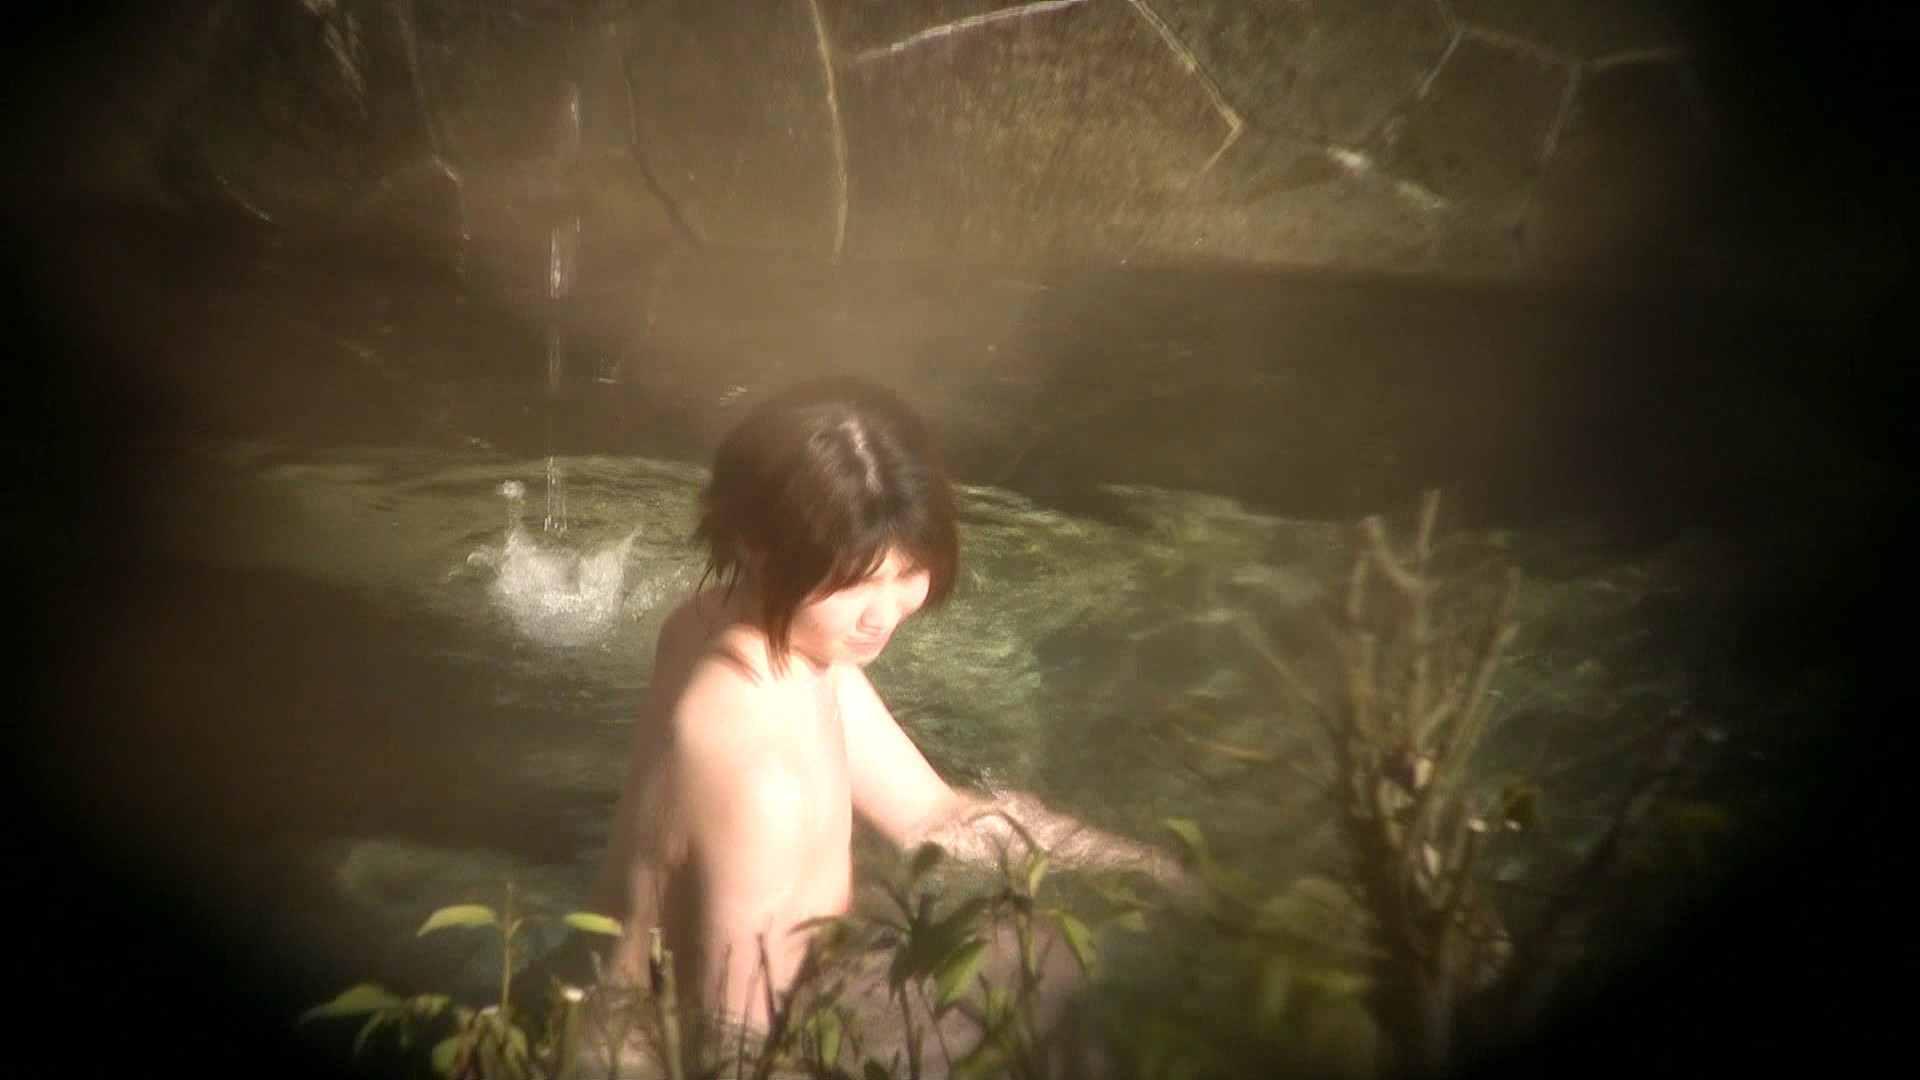 Aquaな露天風呂Vol.698 盗撮 | 綺麗なOLたち  70枚 64